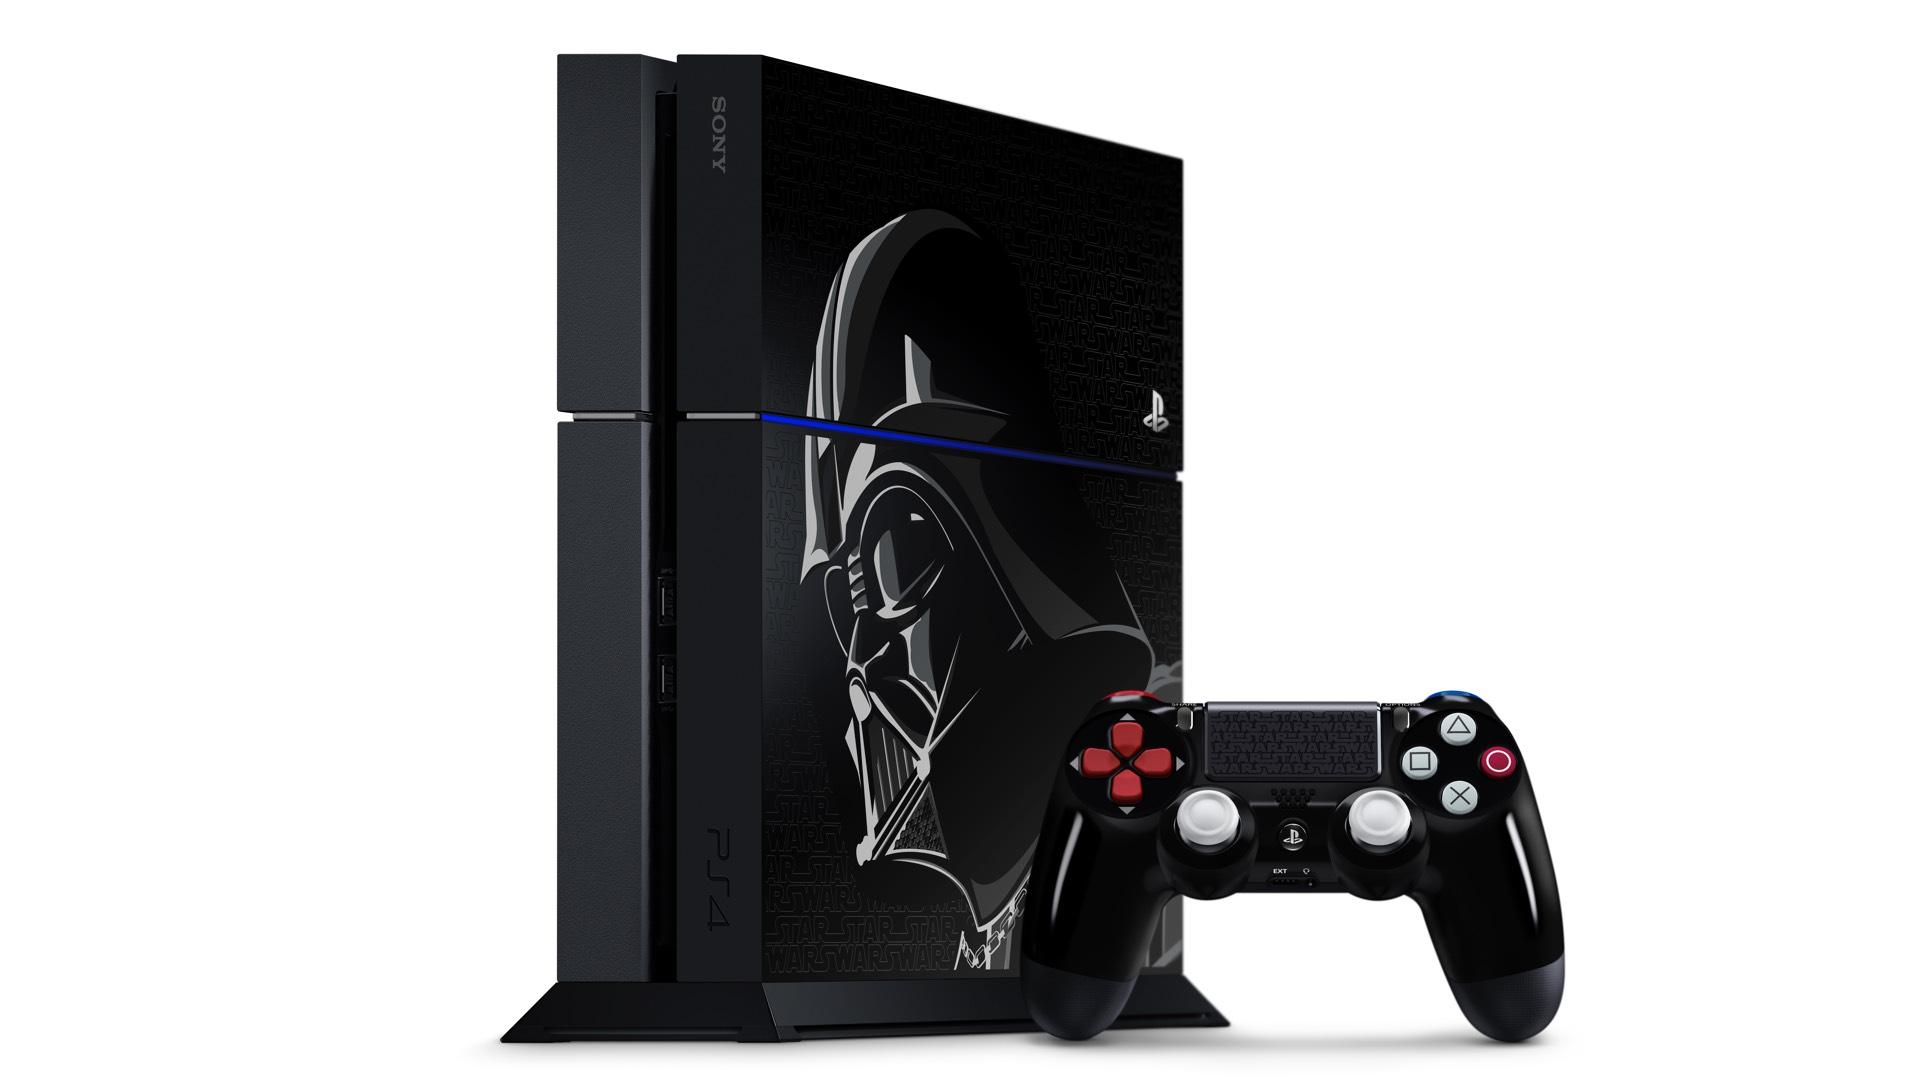 Představena limitovaná edice PlayStationu 4 s motivem Star Wars 112956